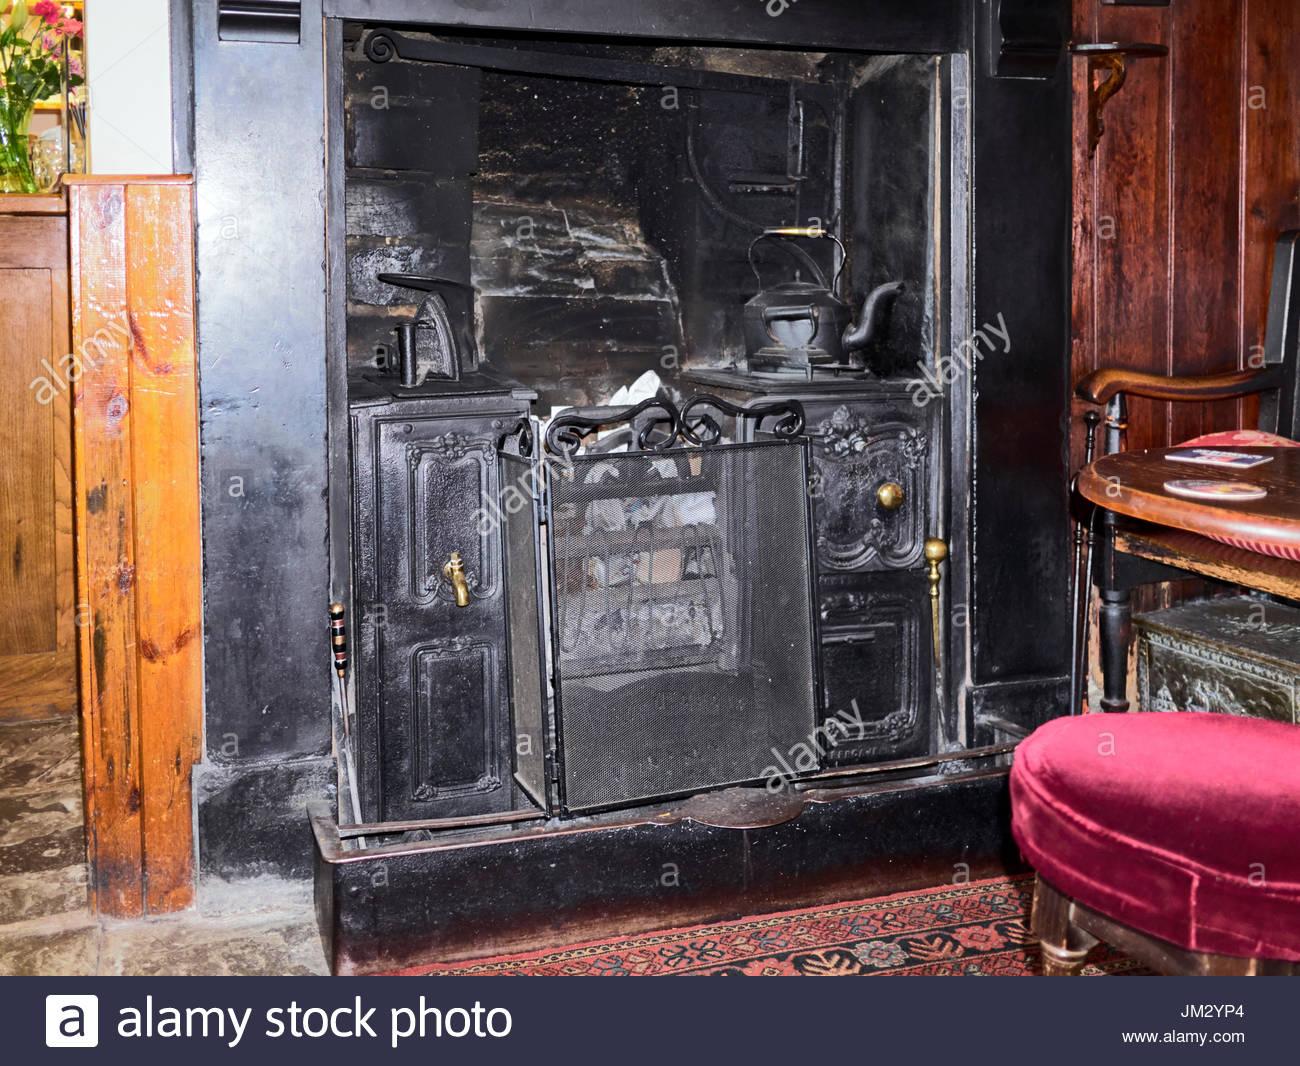 cast iron fireplace stock photos u0026 cast iron fireplace stock